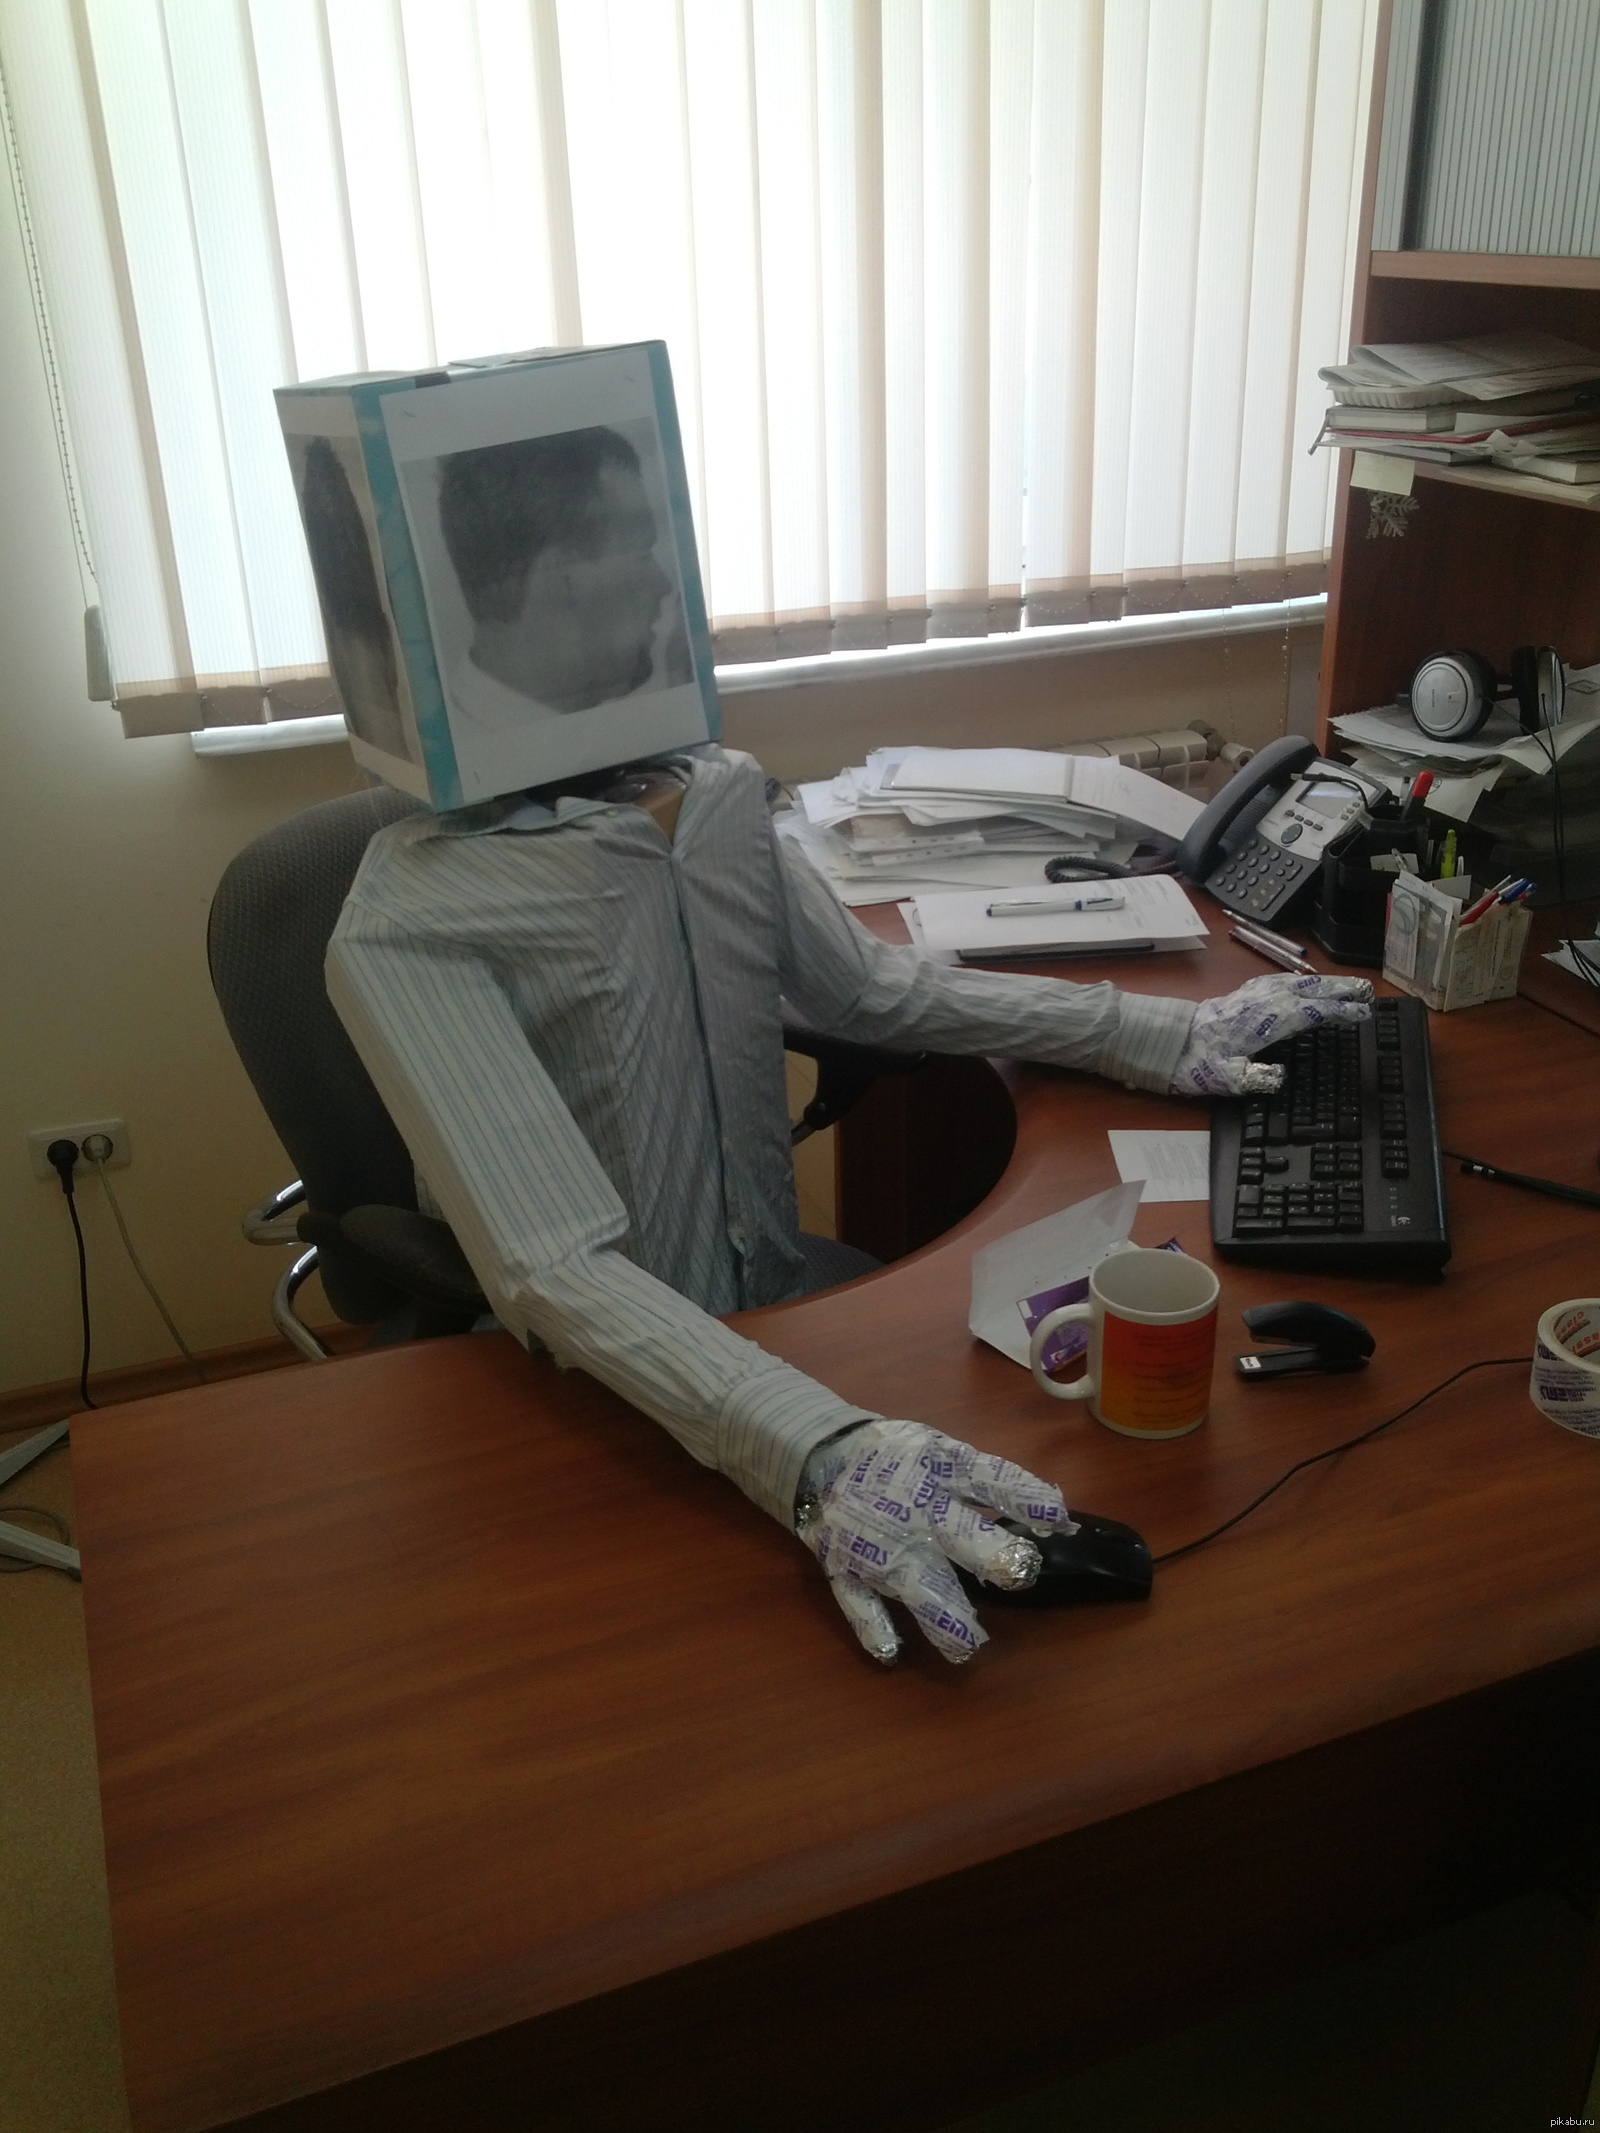 номер на работе за неделю до отпуска картинка статуя покоится